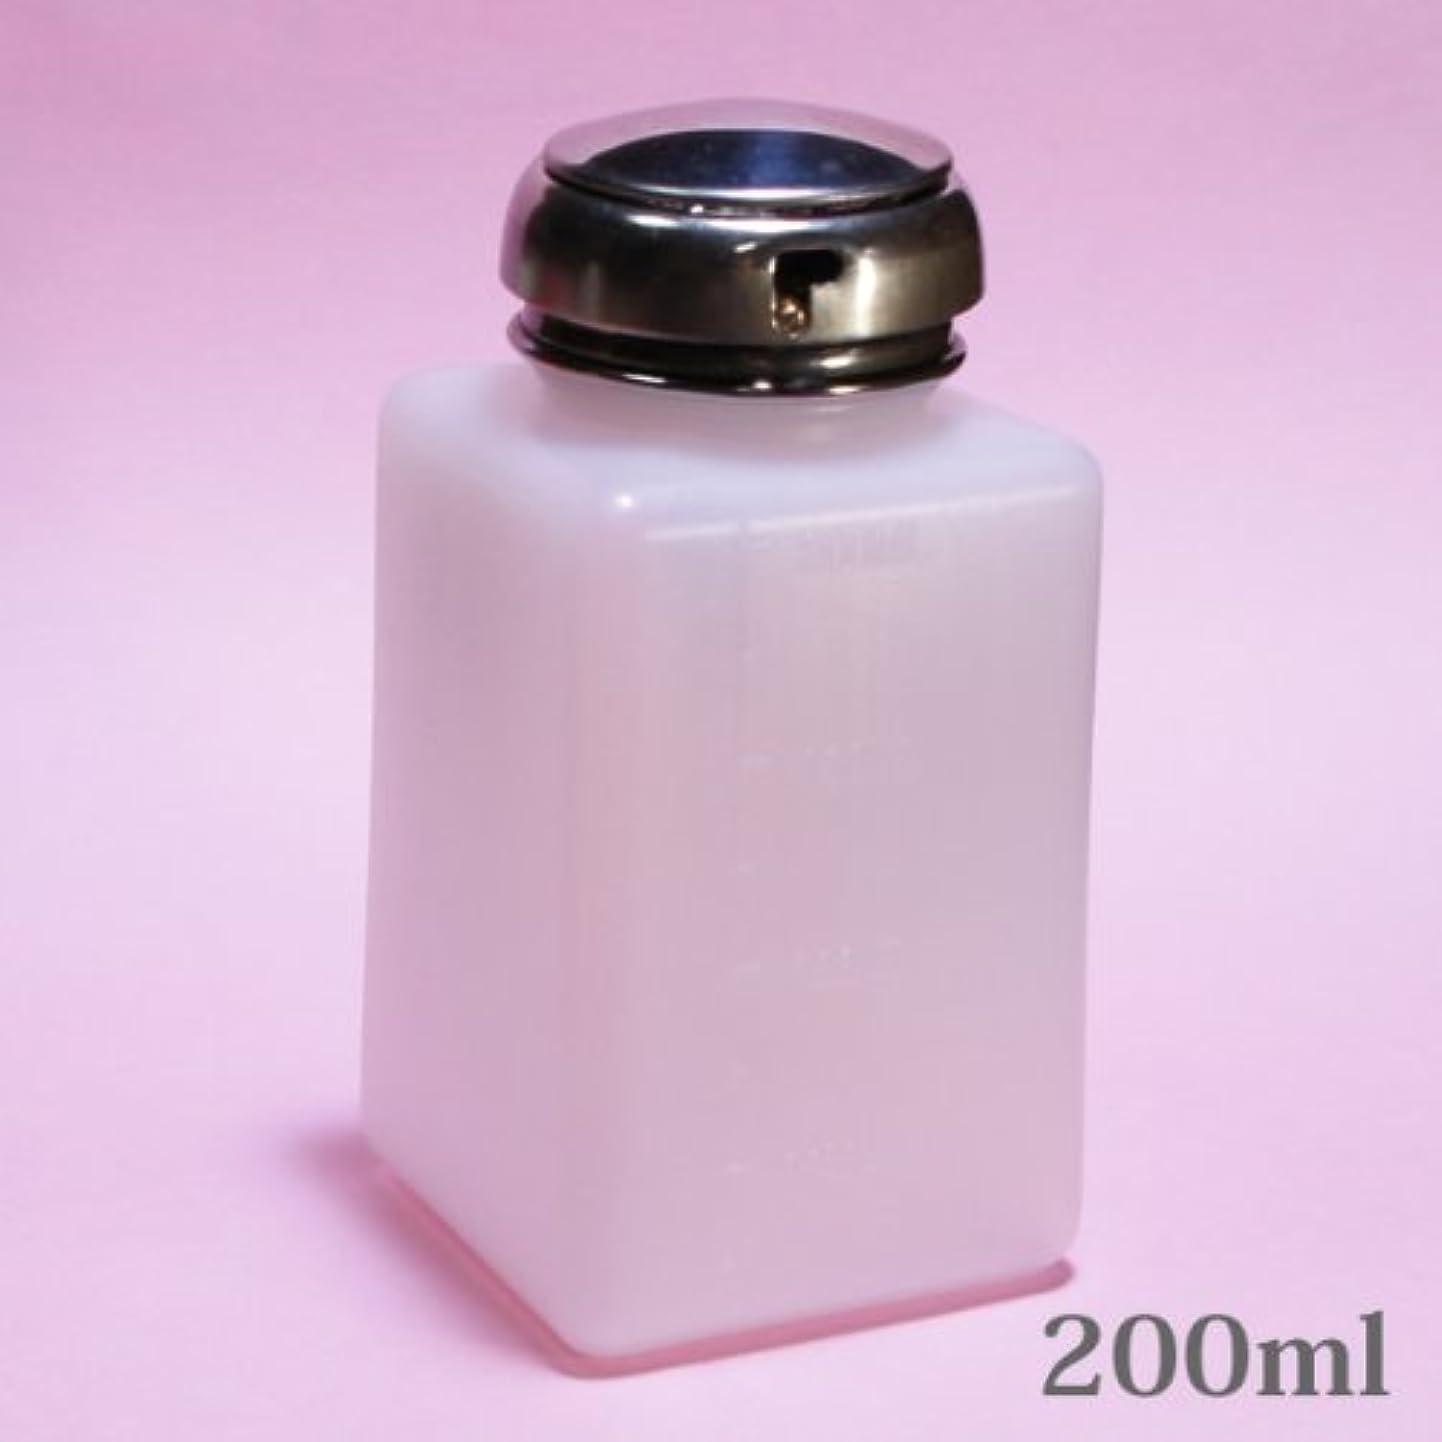 スカープツーリストキルスロック付きプロフェッショナル用 除光液&リムーバー ディスペンサー メンダポンプ同様 6oz 200ml